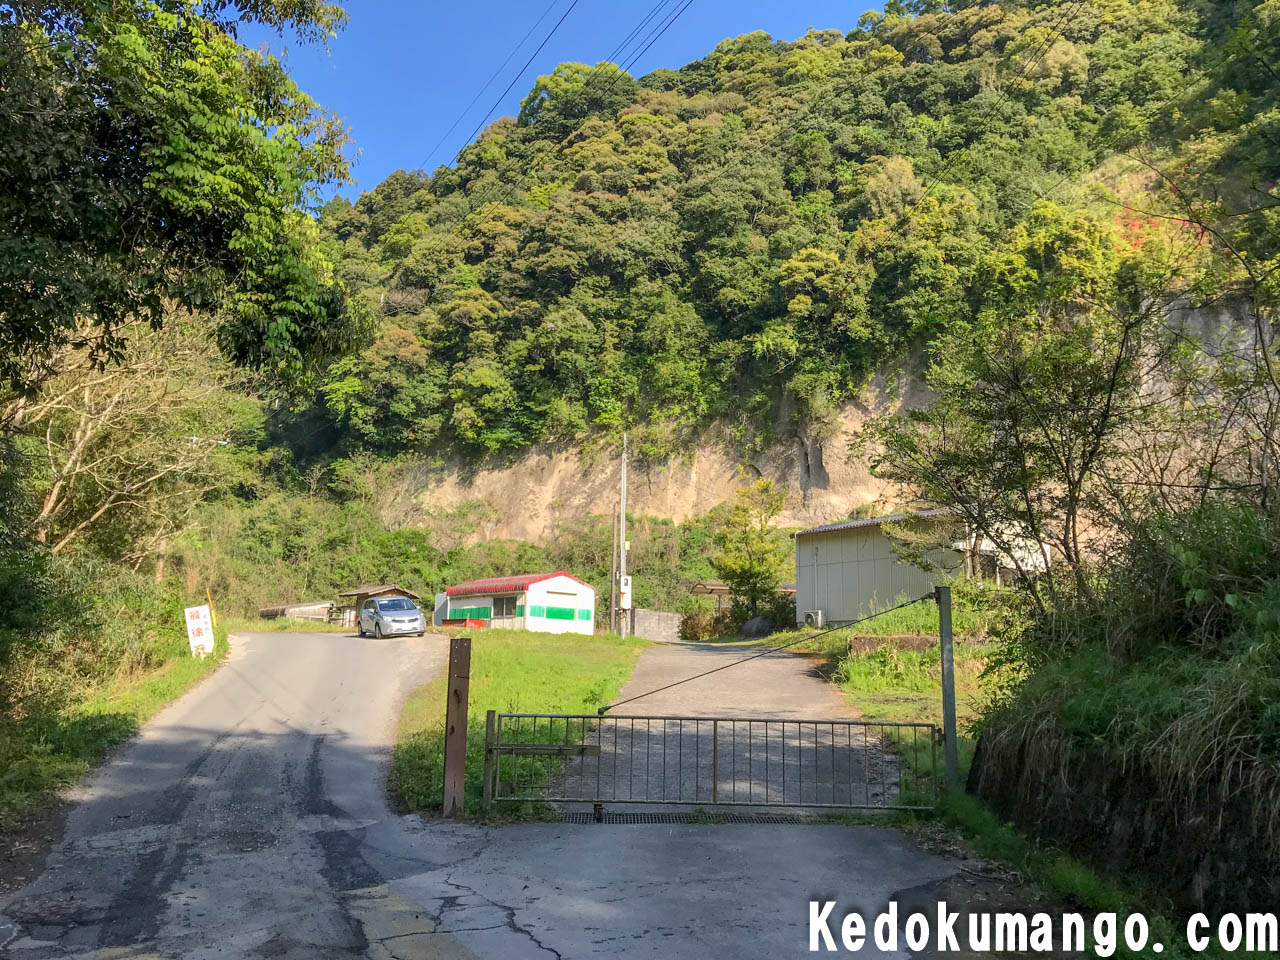 鹿児島射撃場のゲート